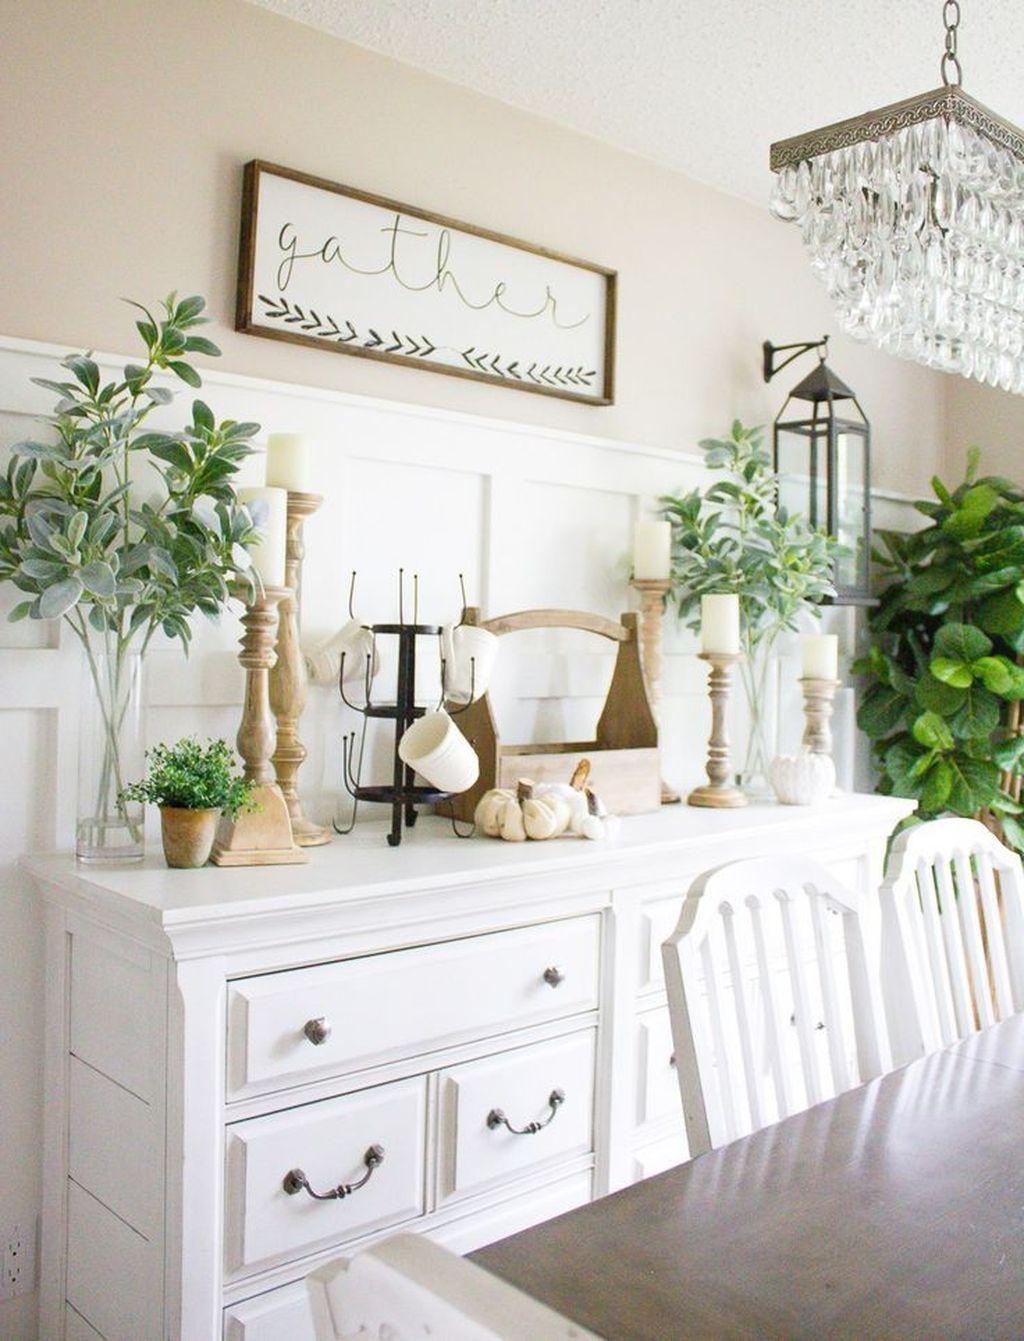 Inspiring Dining Room Buffet Decor Ideas 18